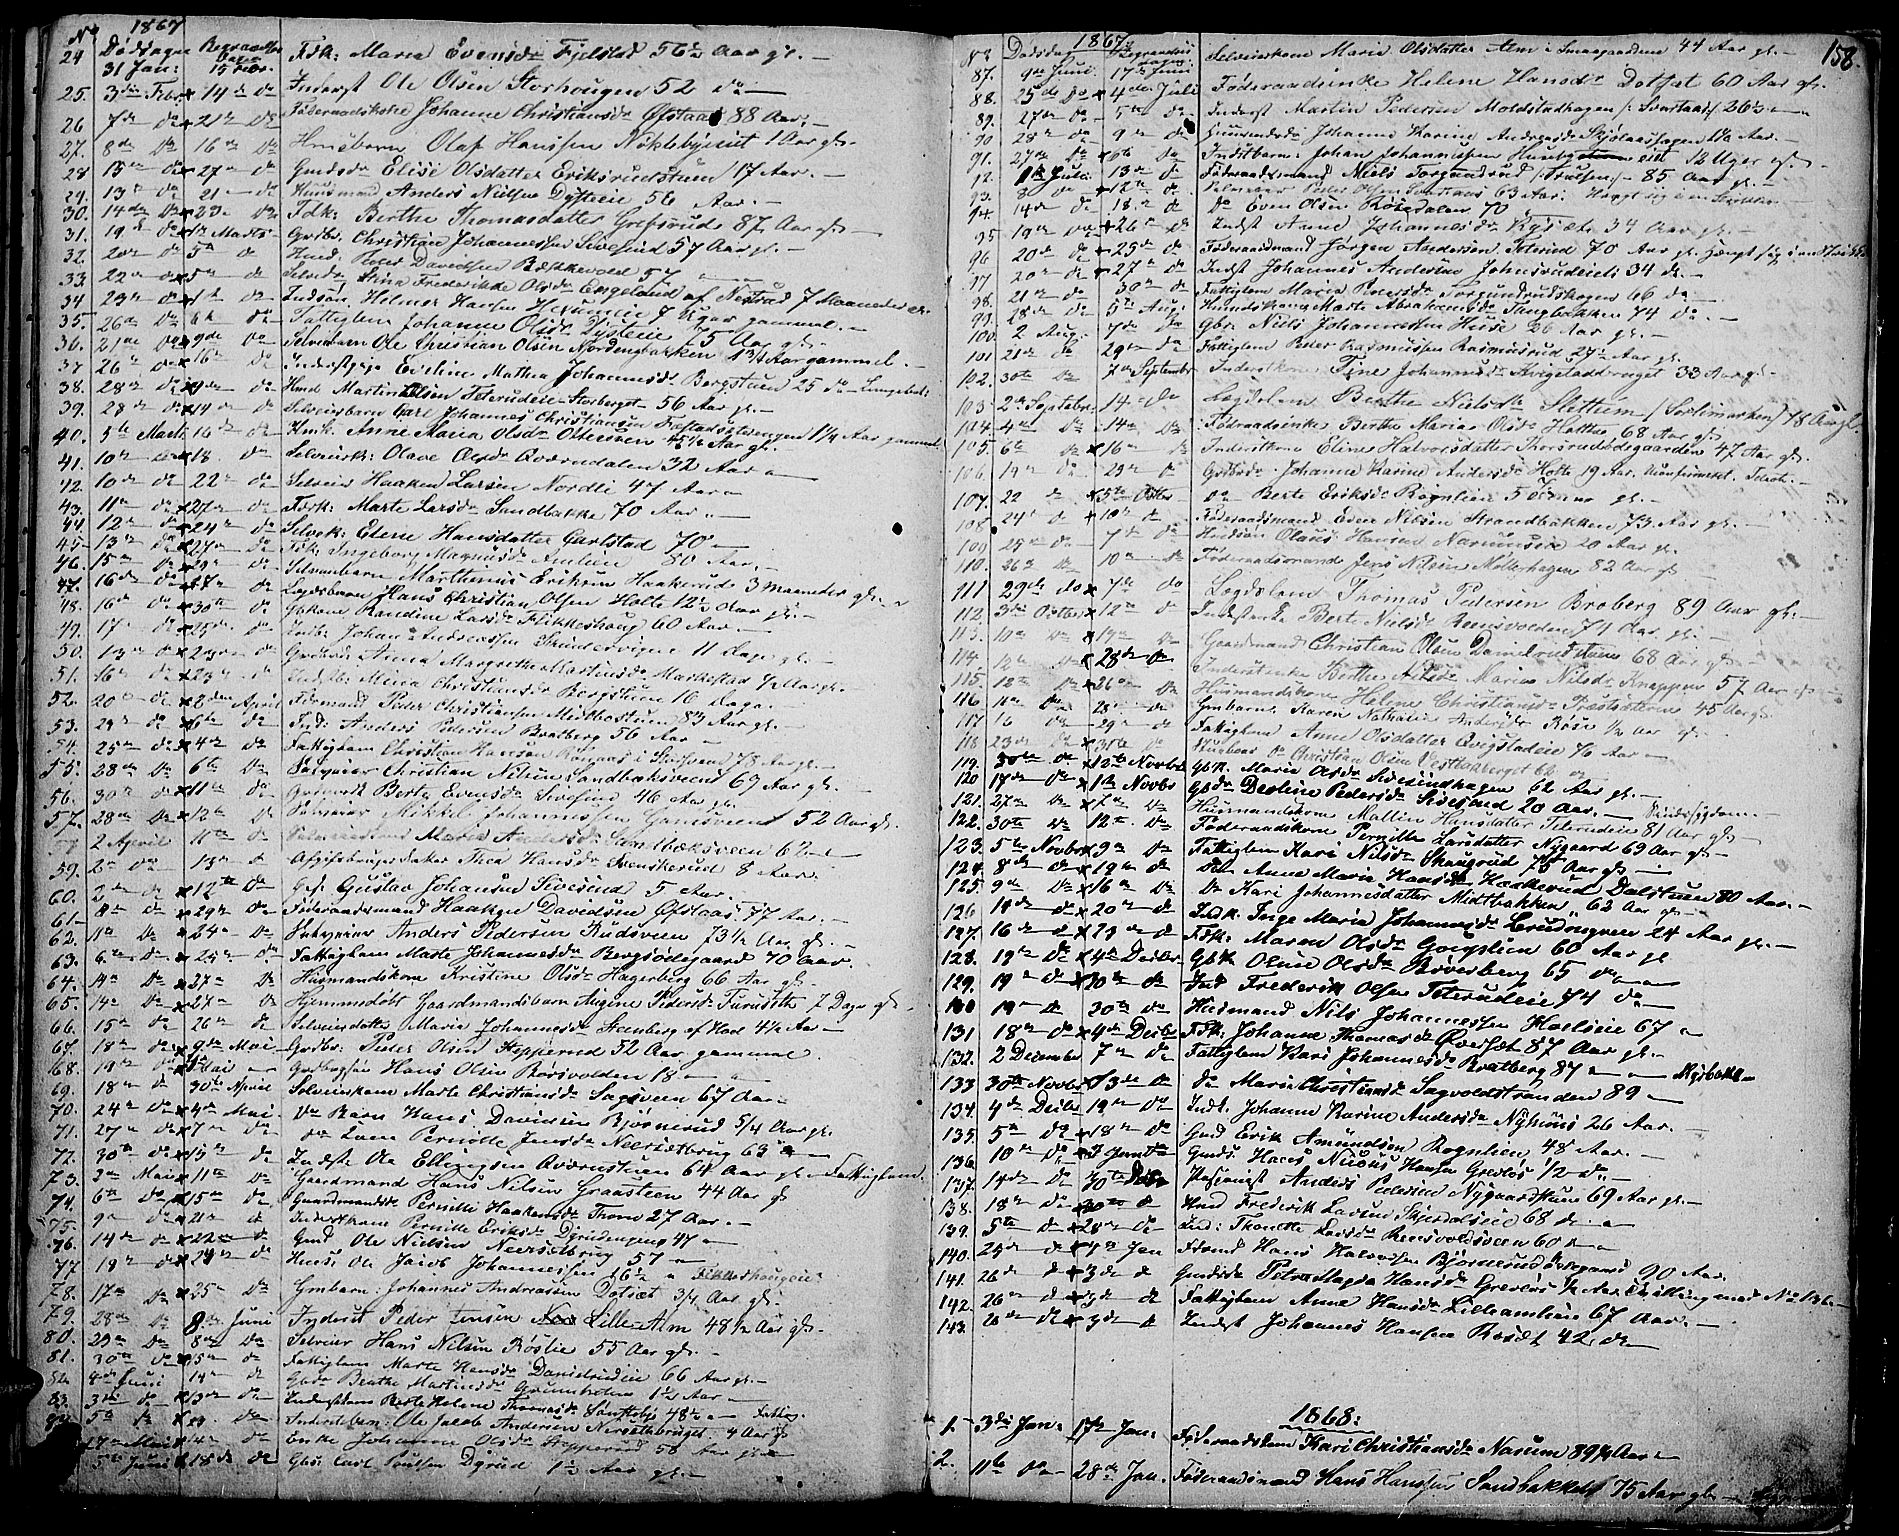 SAH, Vestre Toten prestekontor, H/Ha/Hab/L0005: Klokkerbok nr. 5, 1854-1870, s. 158